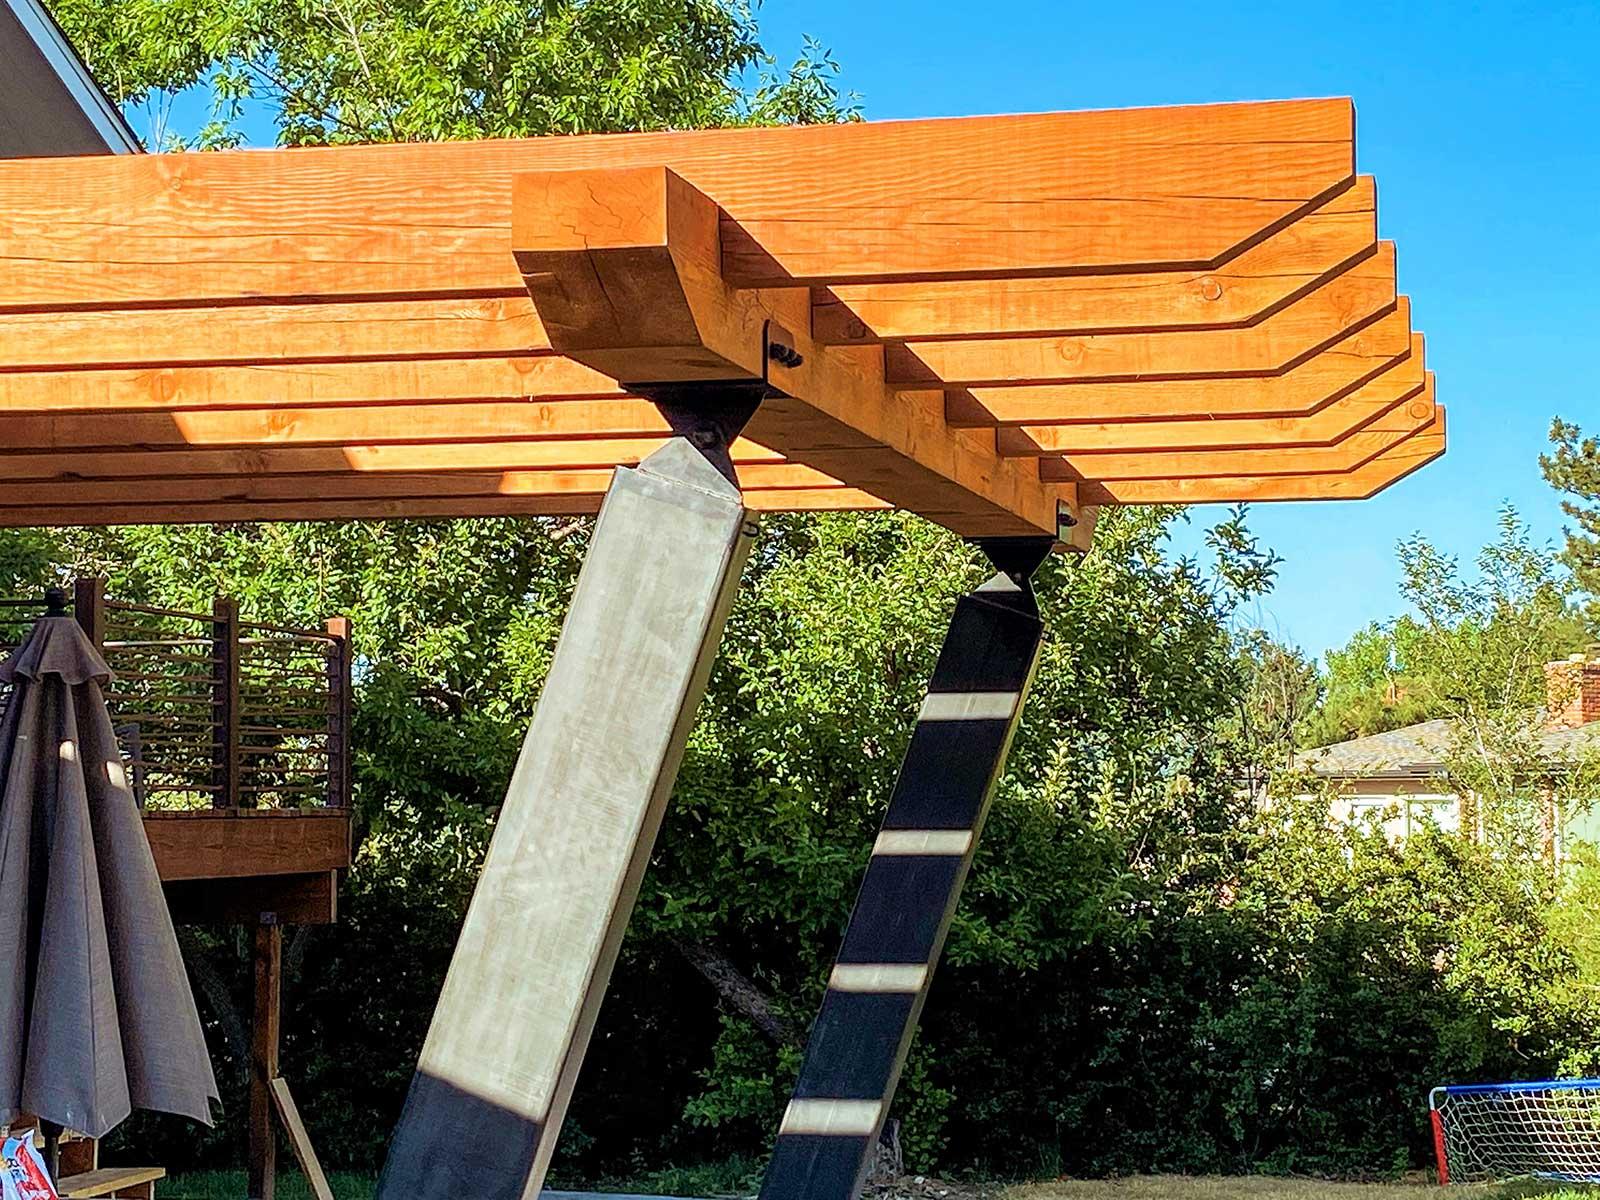 Enyart Custom Timber and Metal Pergola